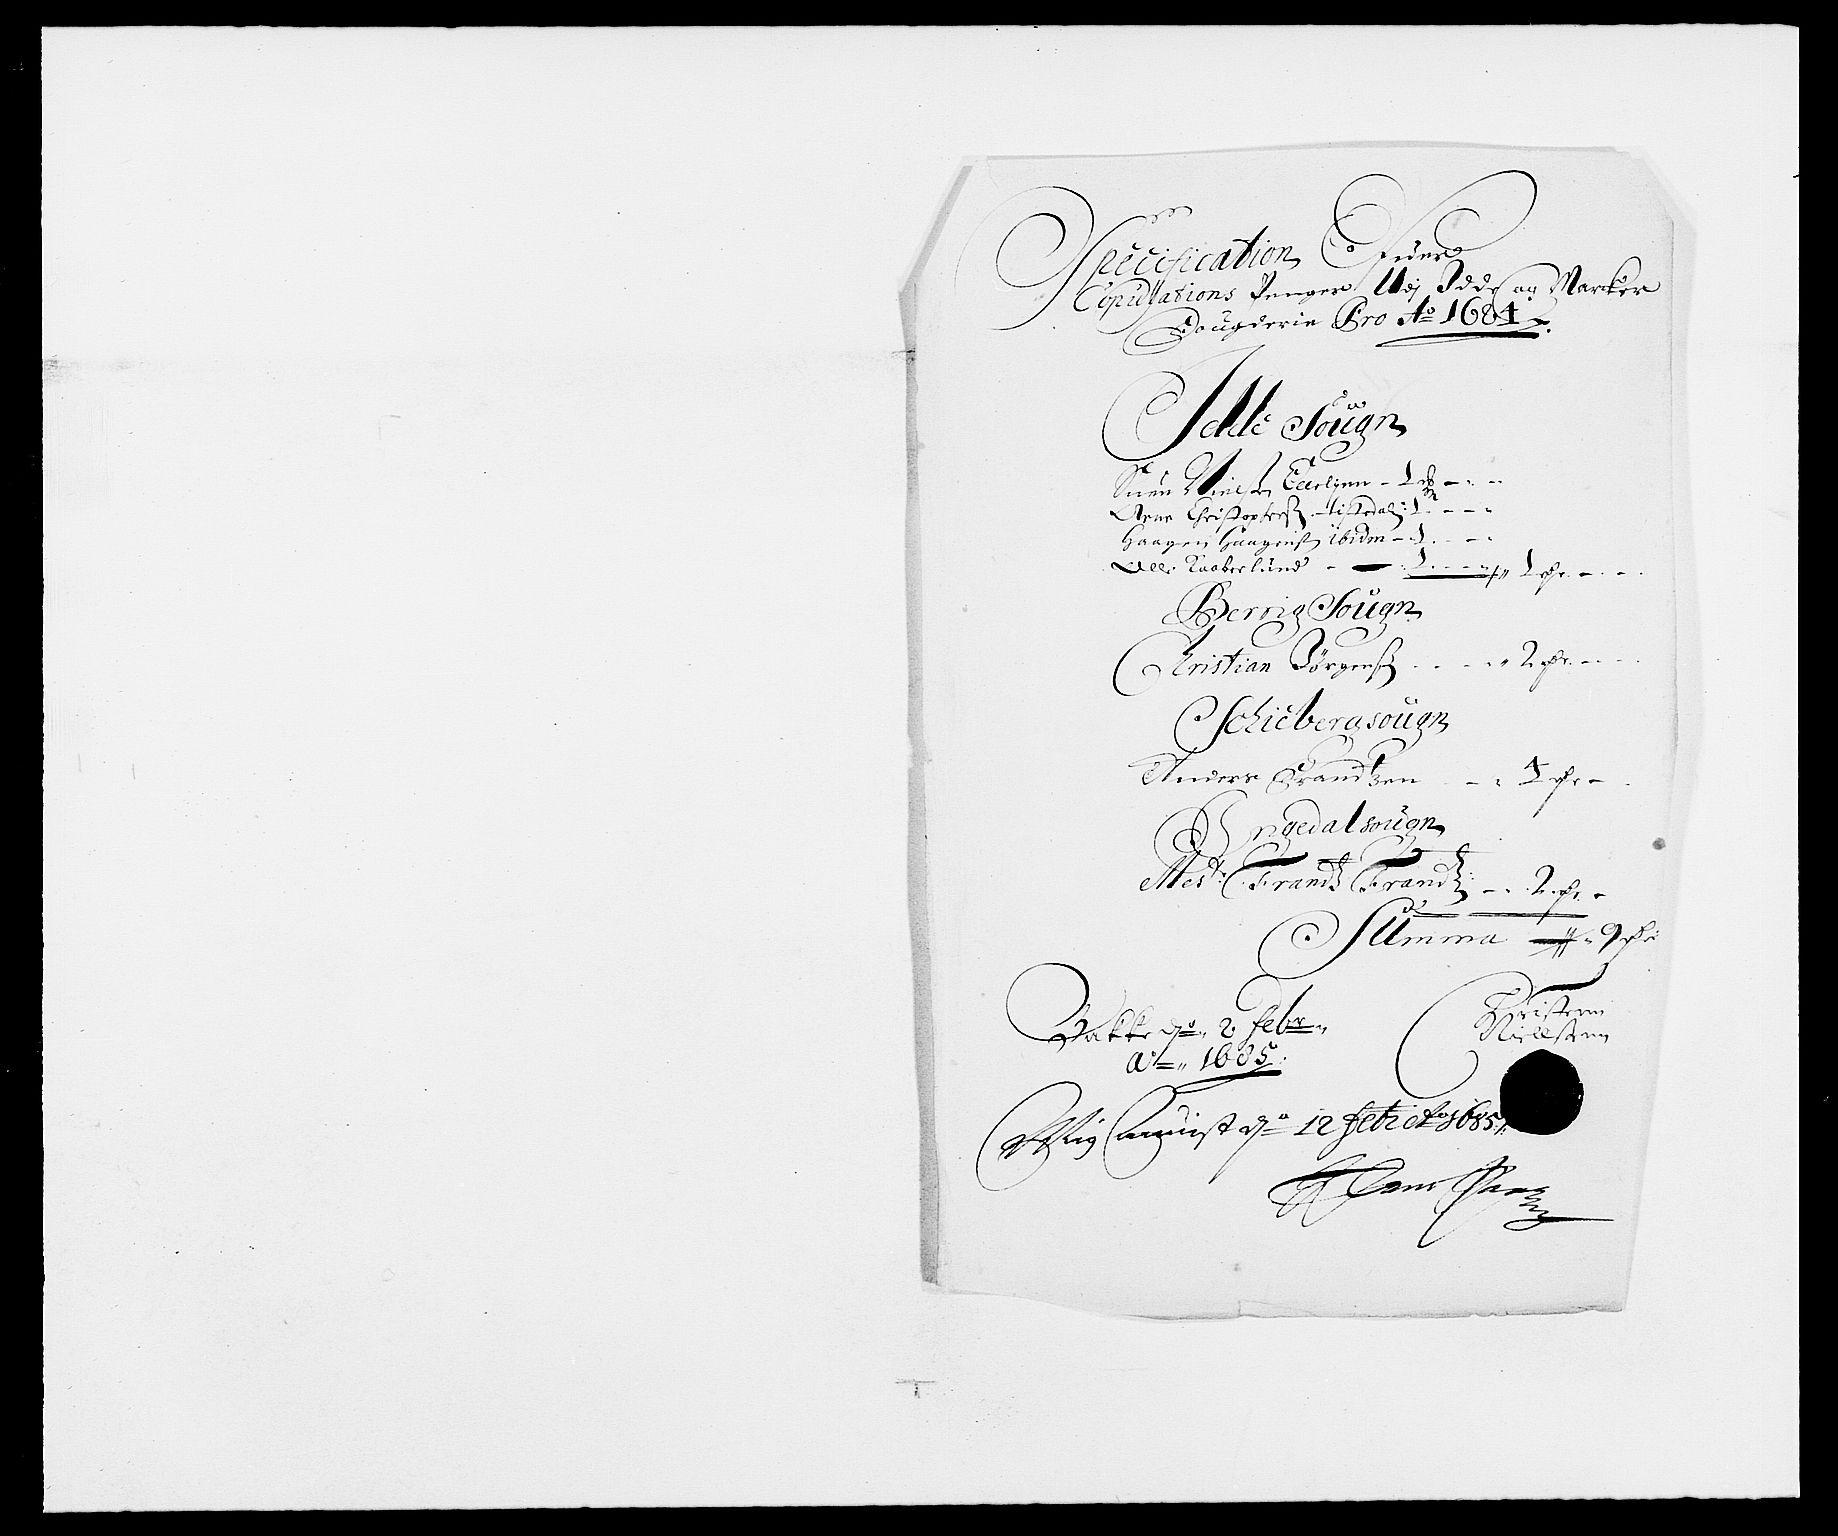 RA, Rentekammeret inntil 1814, Reviderte regnskaper, Fogderegnskap, R01/L0005: Fogderegnskap Idd og Marker , 1682-1684, s. 193